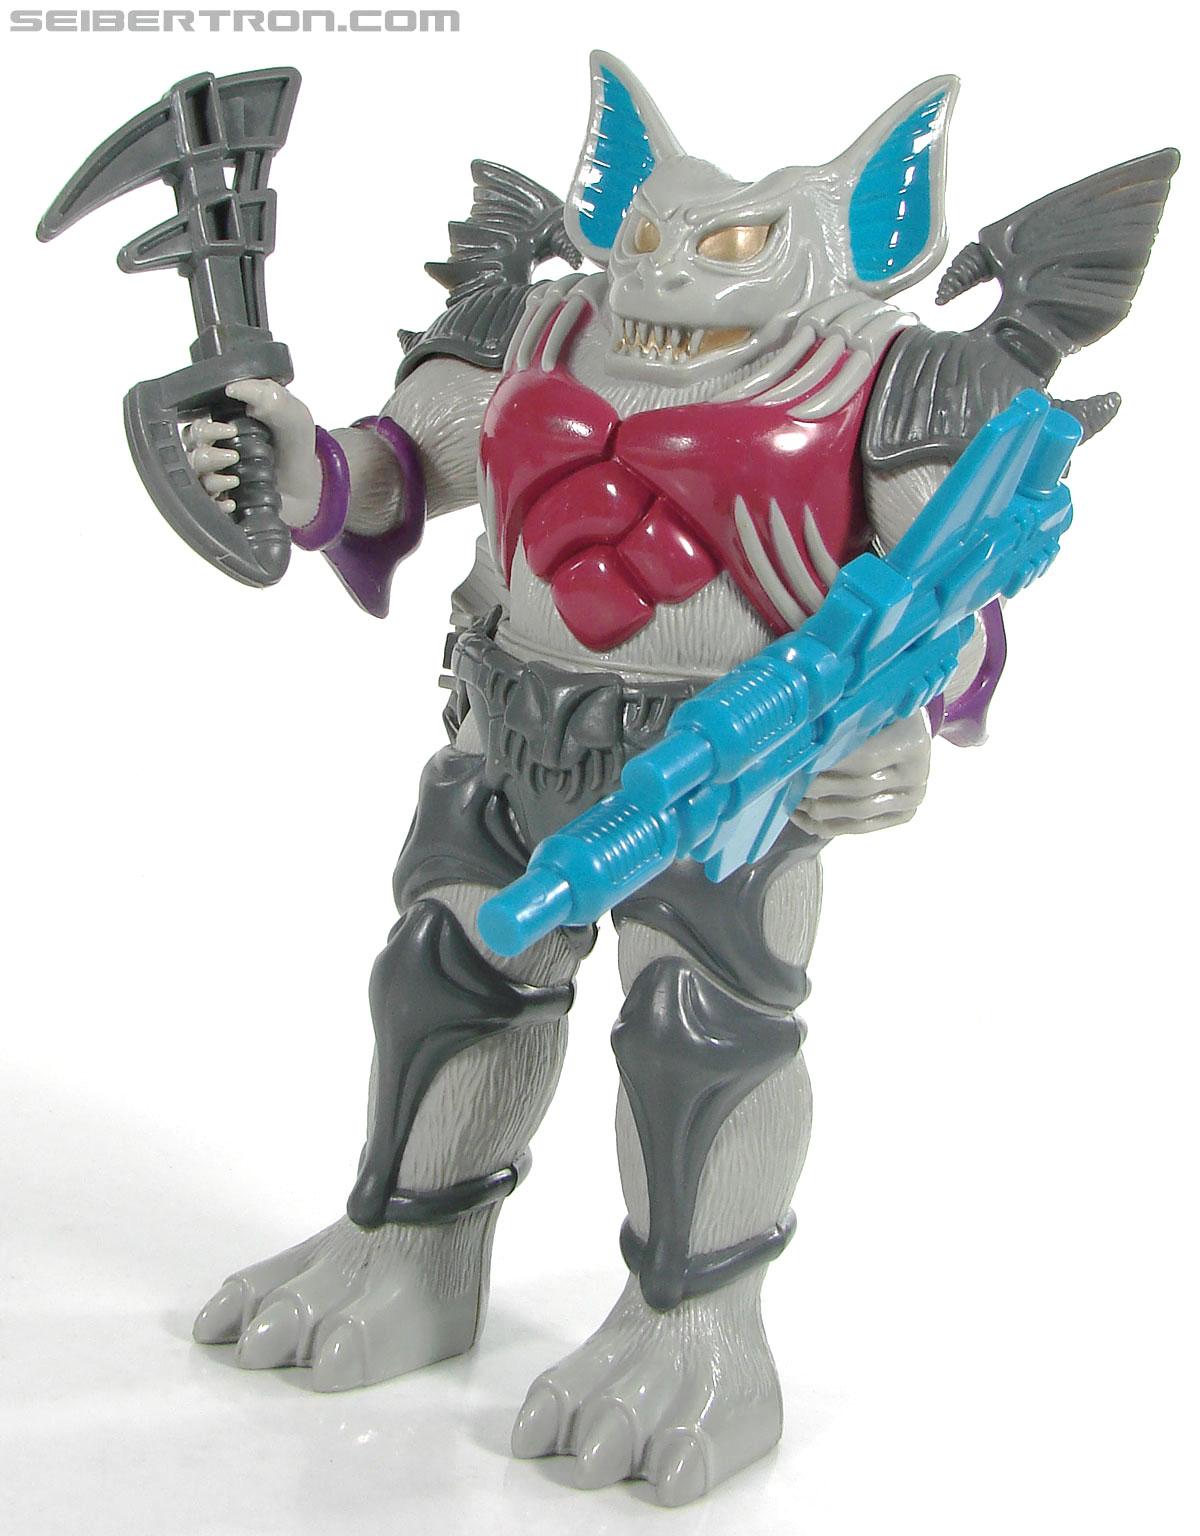 Transformers Super God Masterforce Bomb-Burst (Blood) (Image #59 of 169)